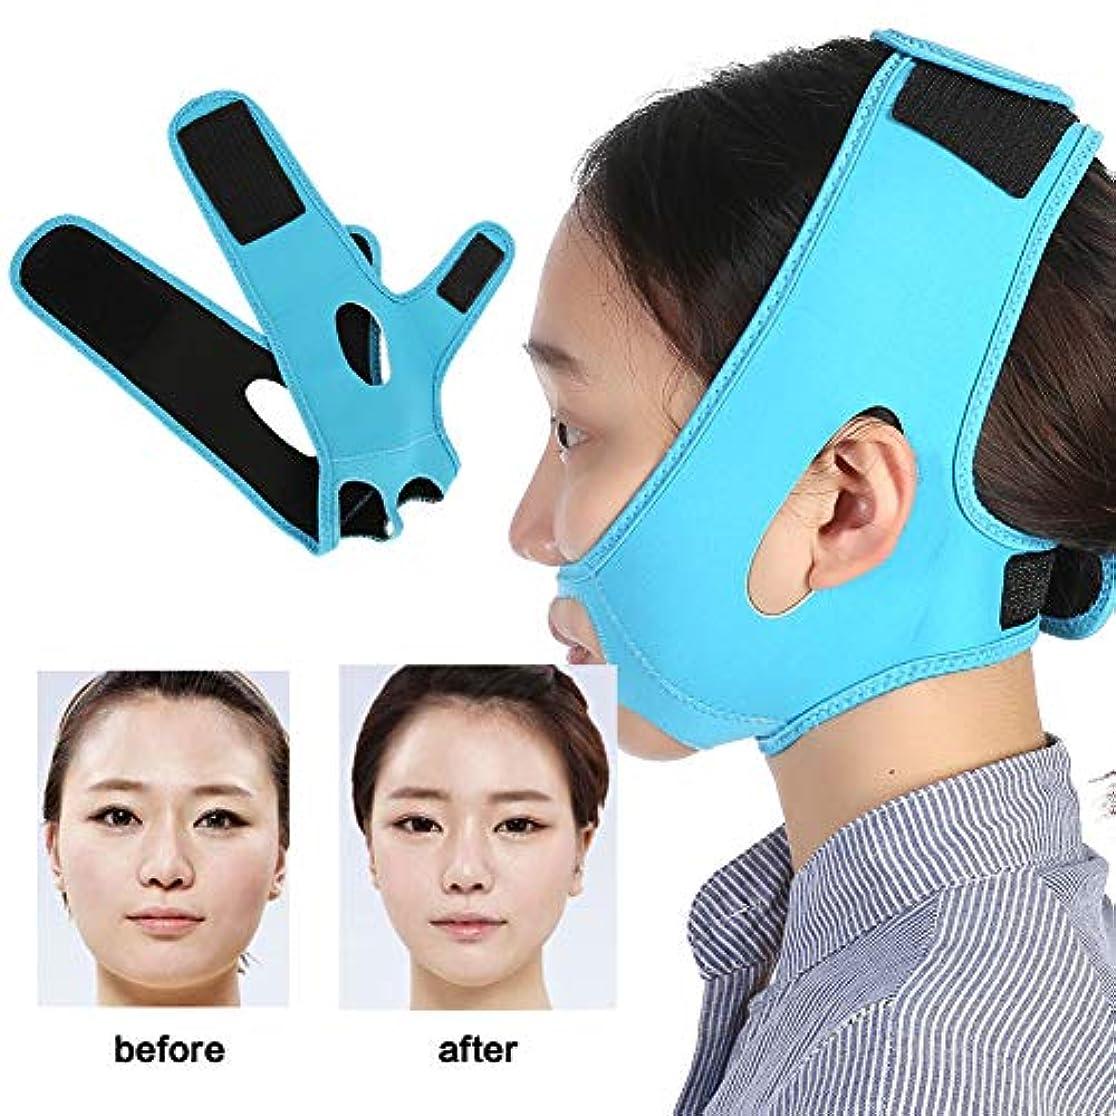 収束意気消沈したささやき顔の輪郭を改善するためのフェイスマスクのスリム化 Vフェイス美容包帯 通気性/伸縮性/非変形性